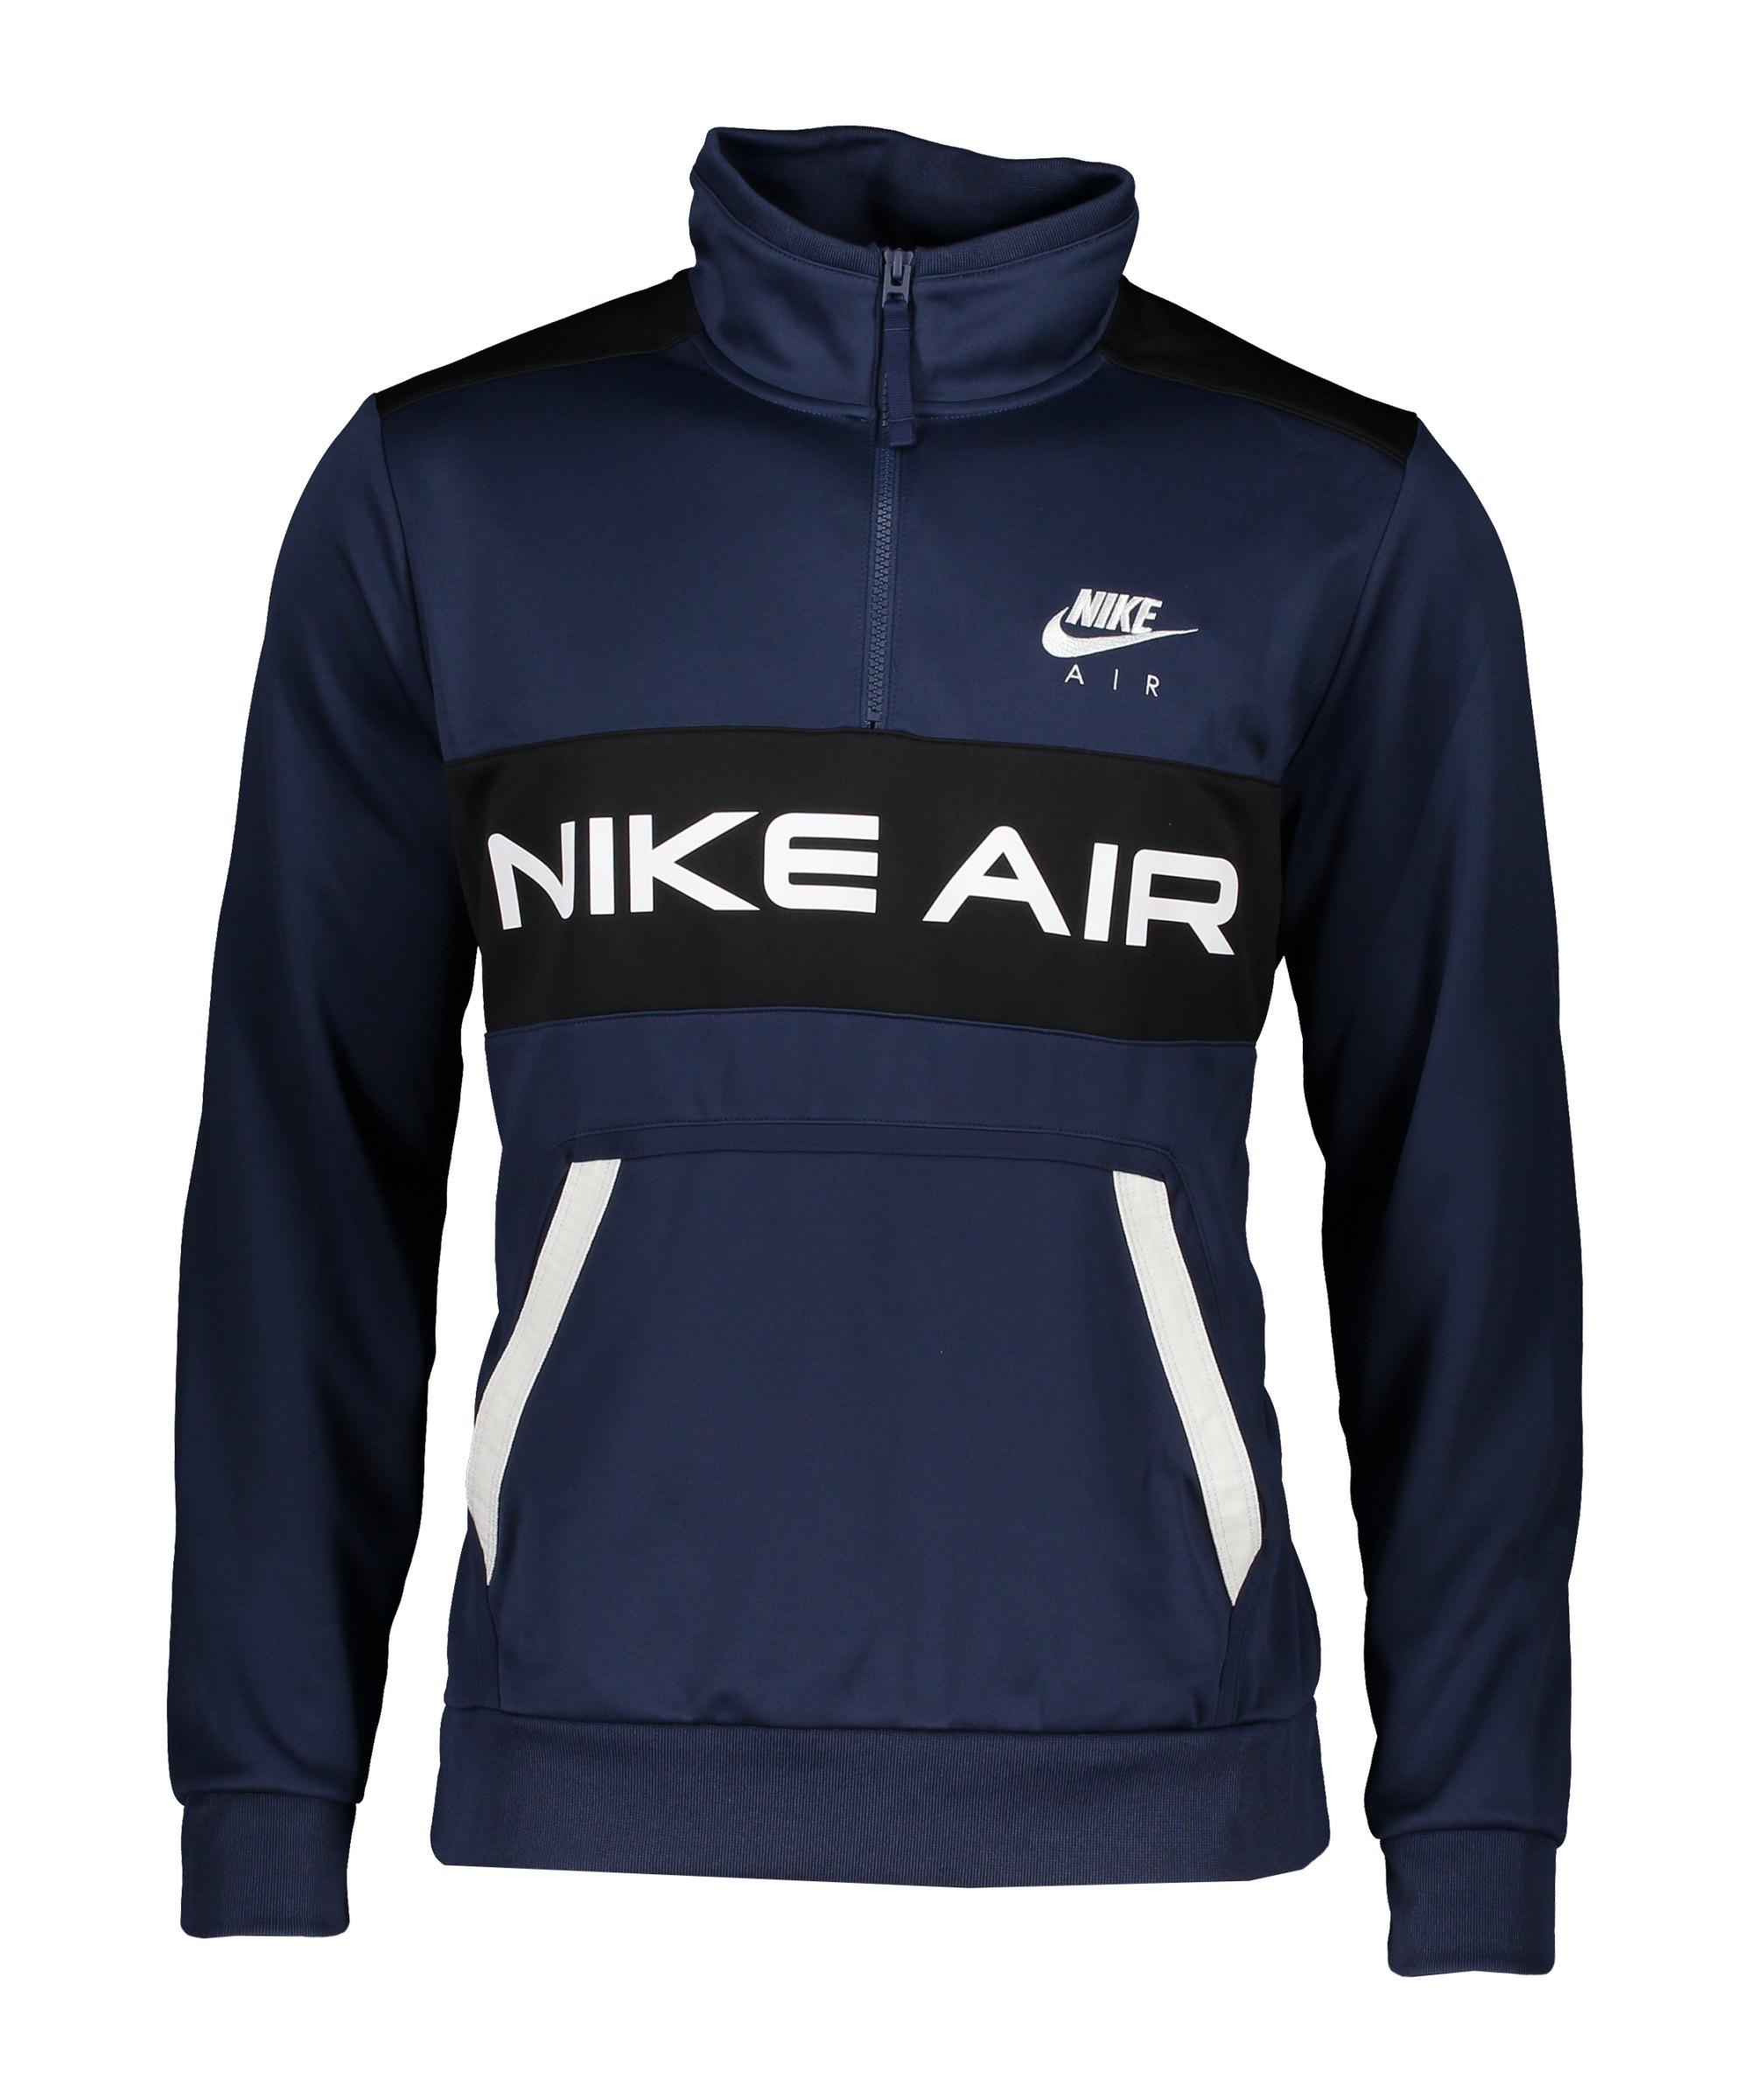 Nike Air Icon Jacke Blau Schwarz F410 - blau